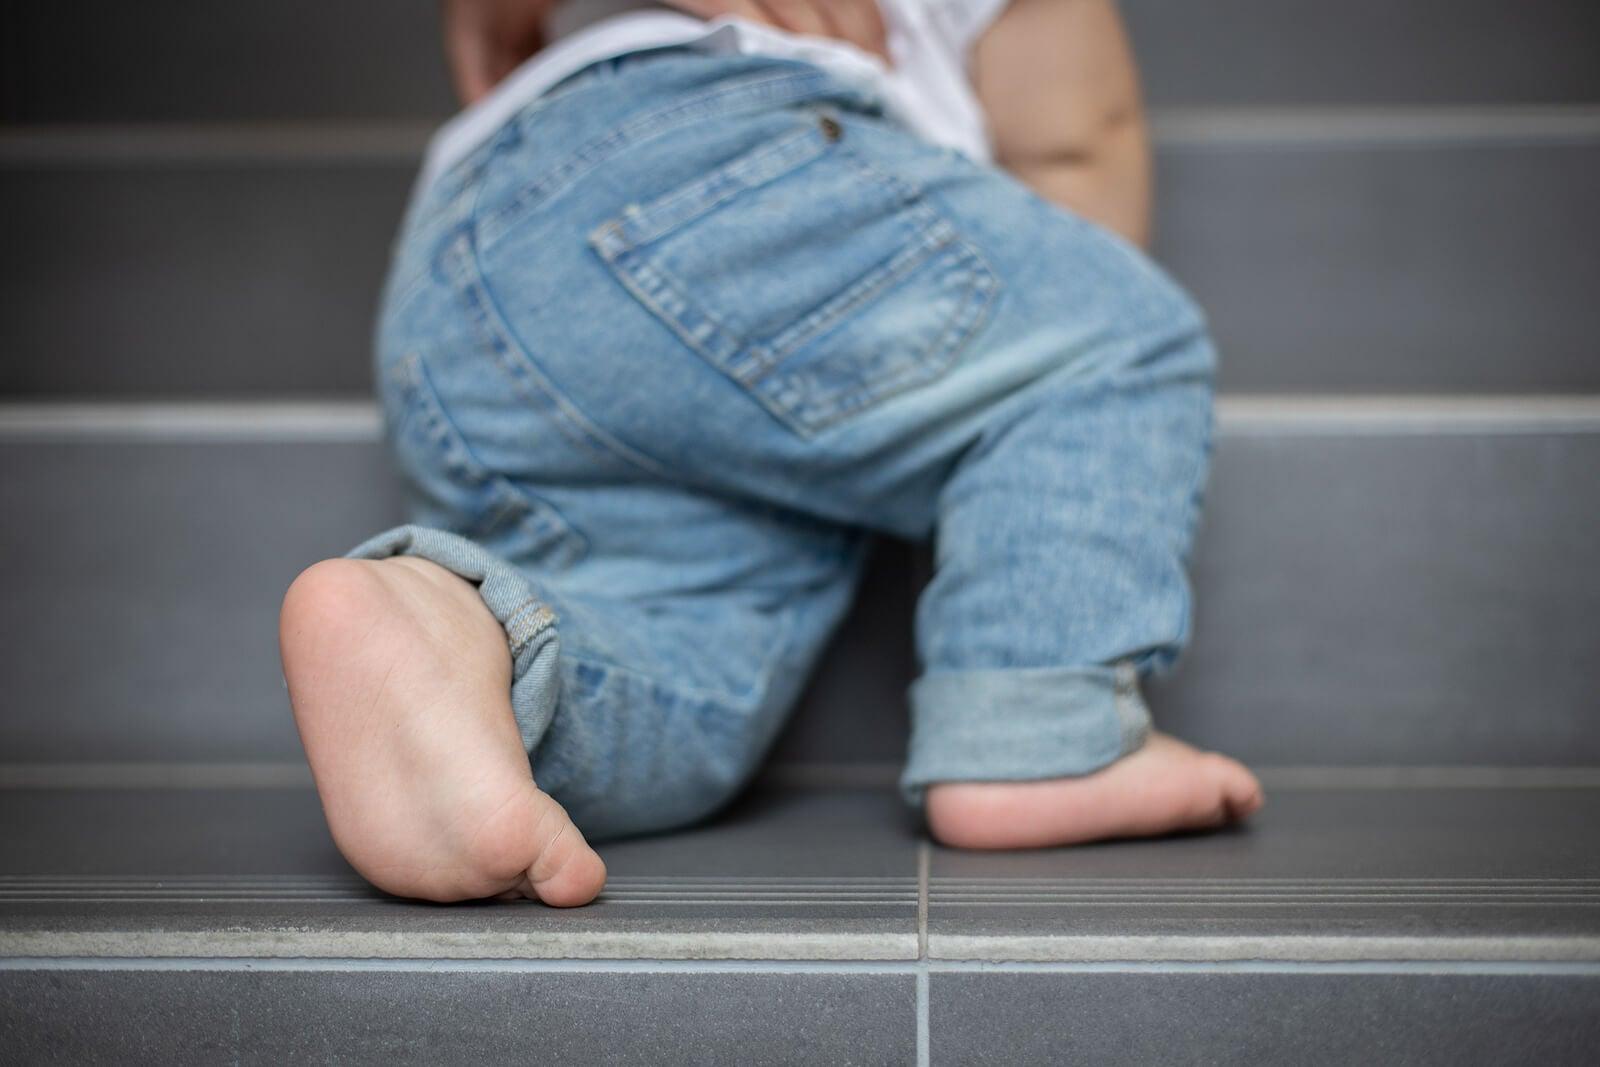 Bebé aprendiendo a subir las escaleras.